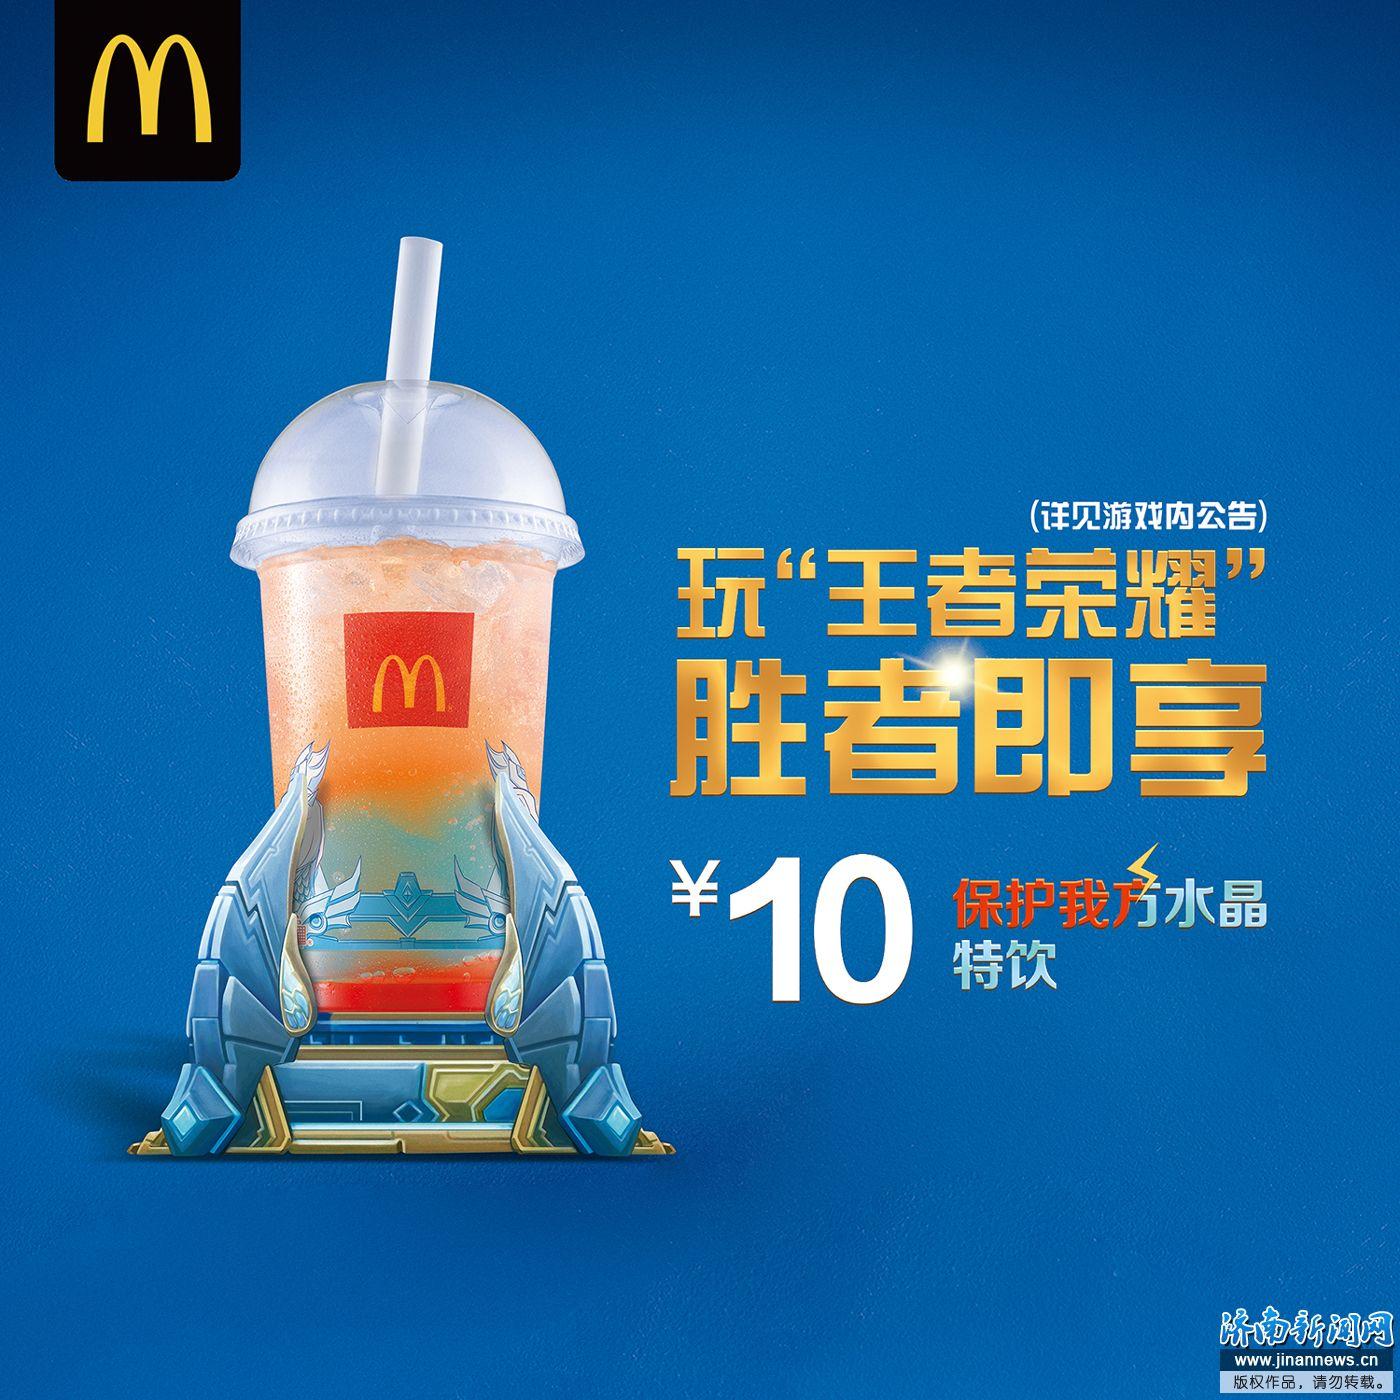 麦当劳×王者荣耀